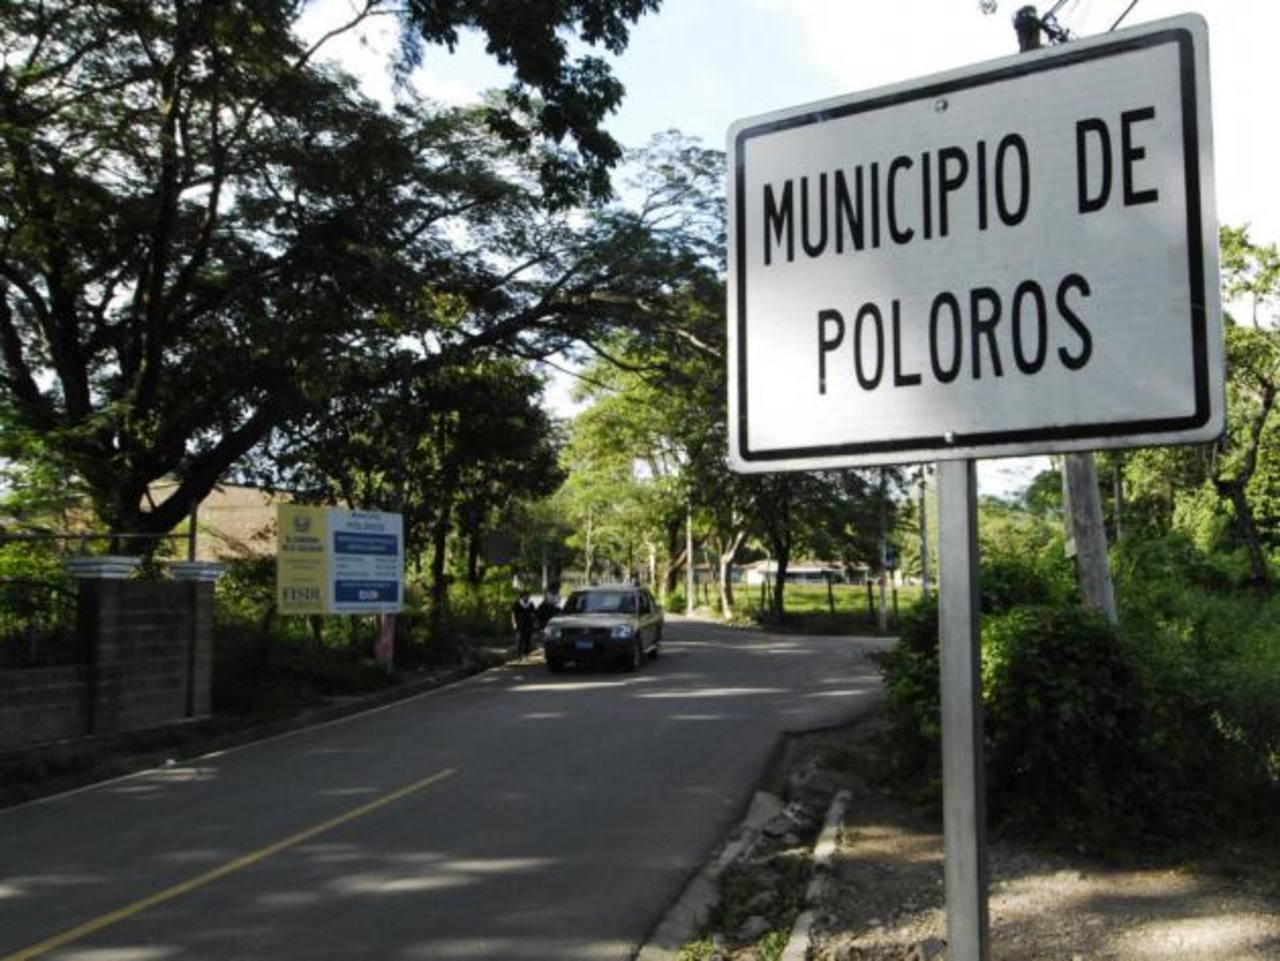 Los ciudadanos de Polorós se preparan para vivir al máximo sus festividades. Autoridades edilicias invitan a salvadoreños a compartir sus fiestas. Foto EDH / archivo